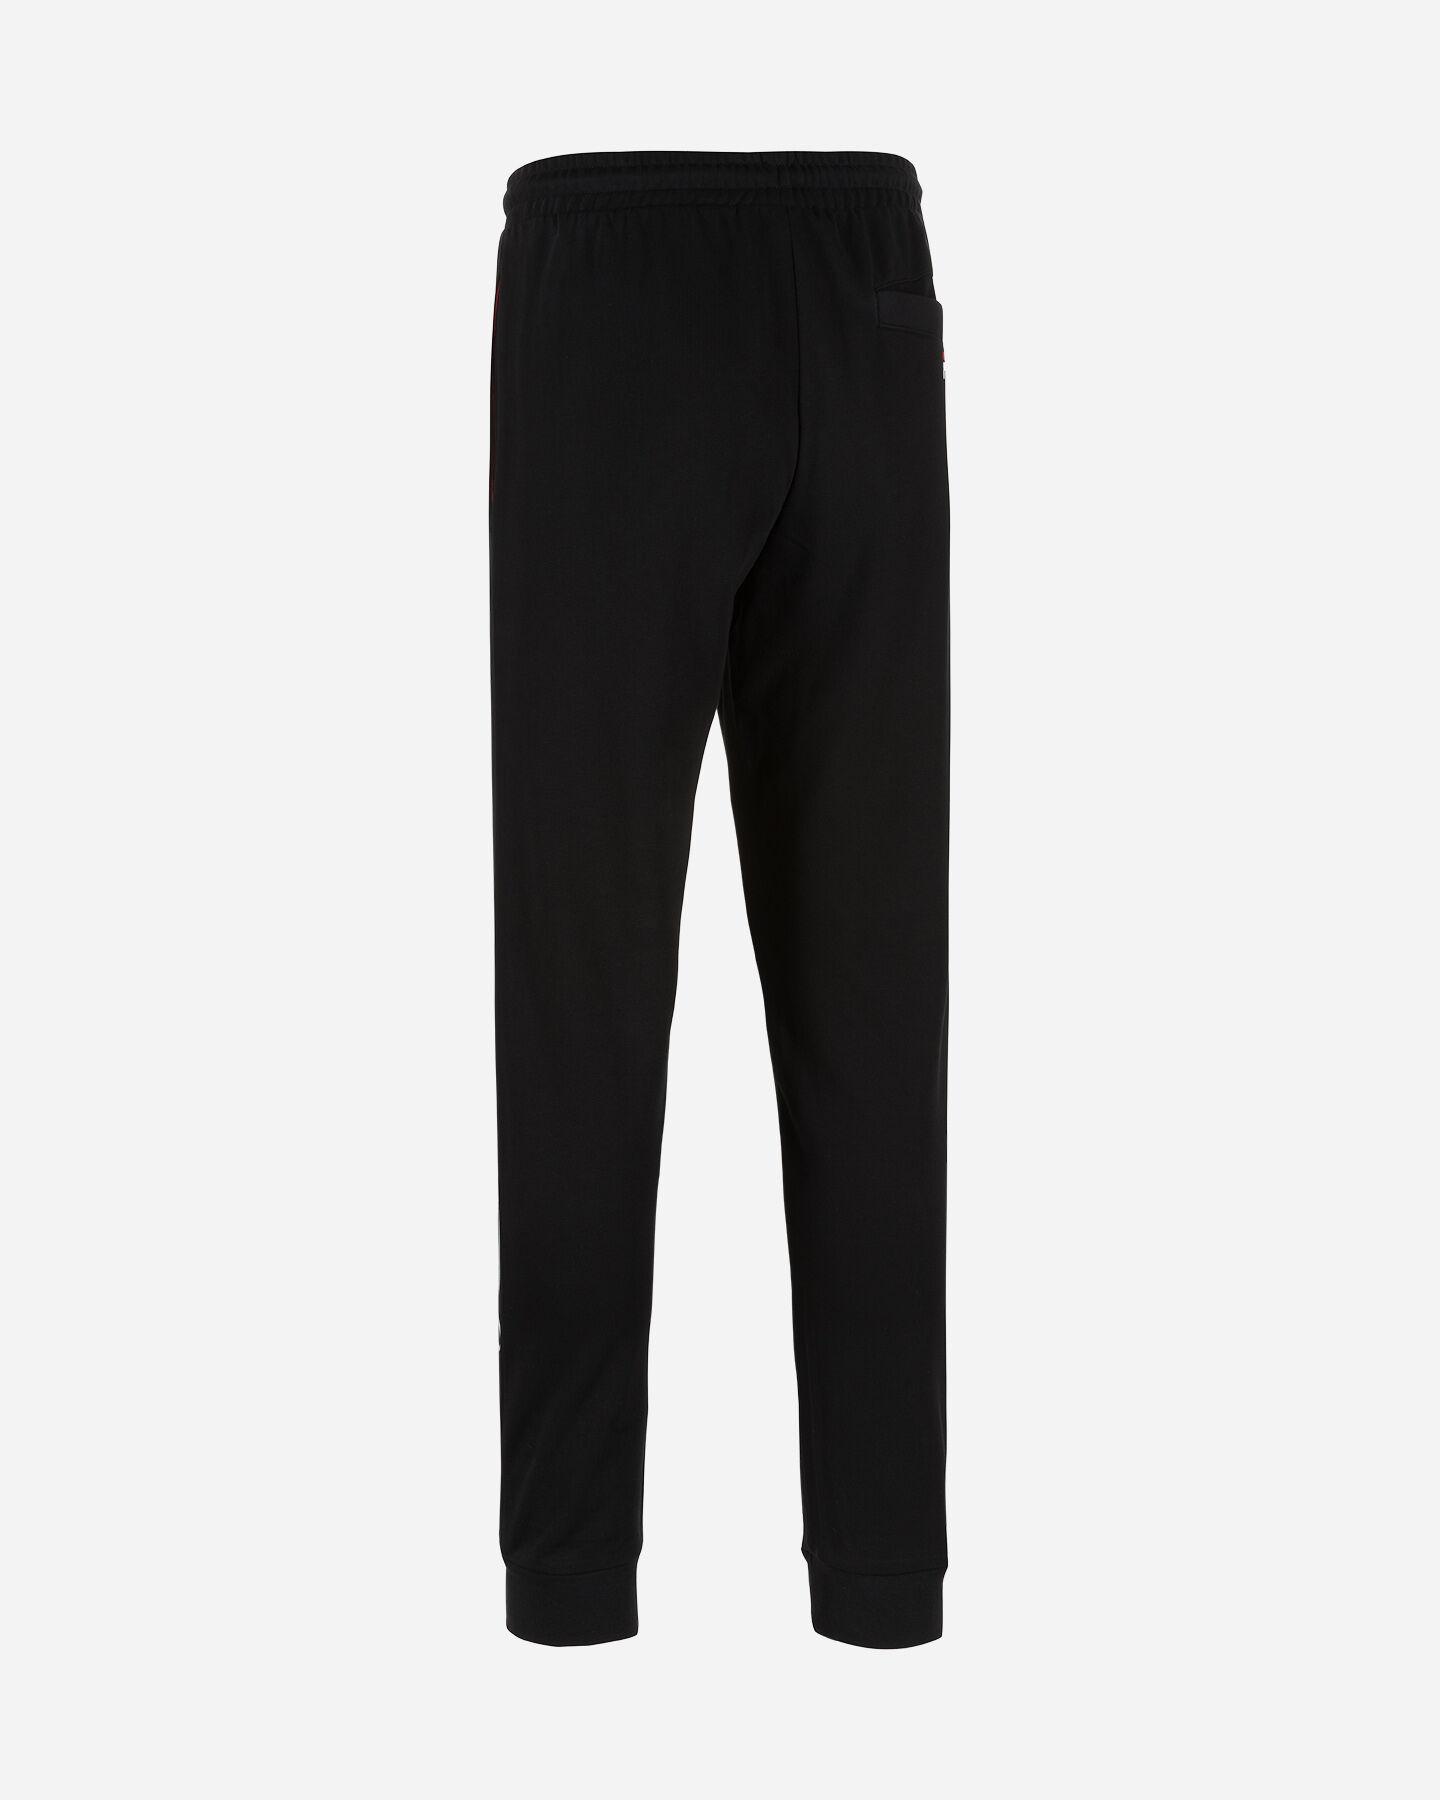 Pantalone FILA COMBED M S4066936 scatto 5